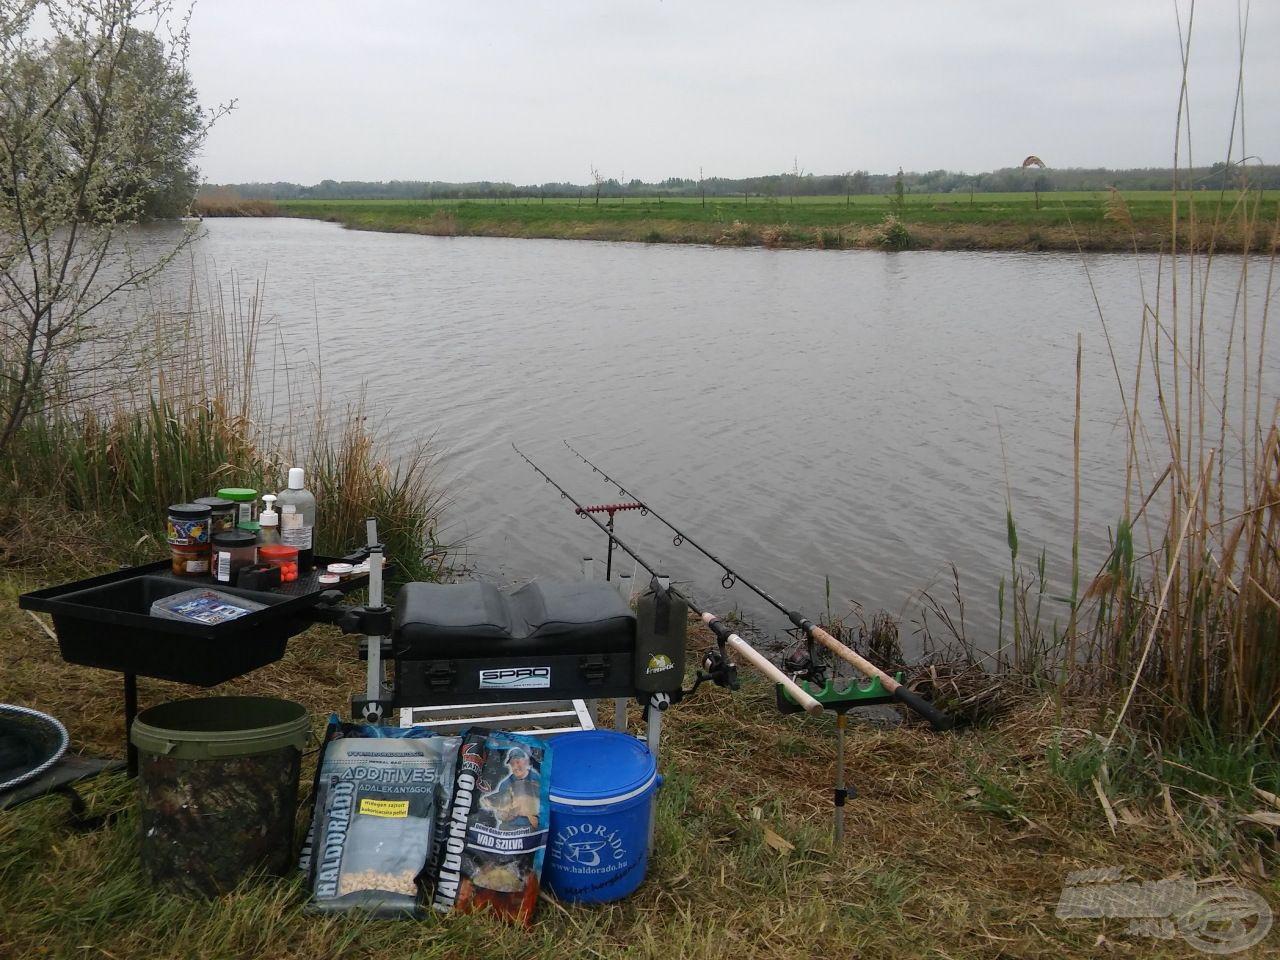 Íme, az elkészült horgászállásom. Mindig kiemelt figyelmet fordítok a rendre